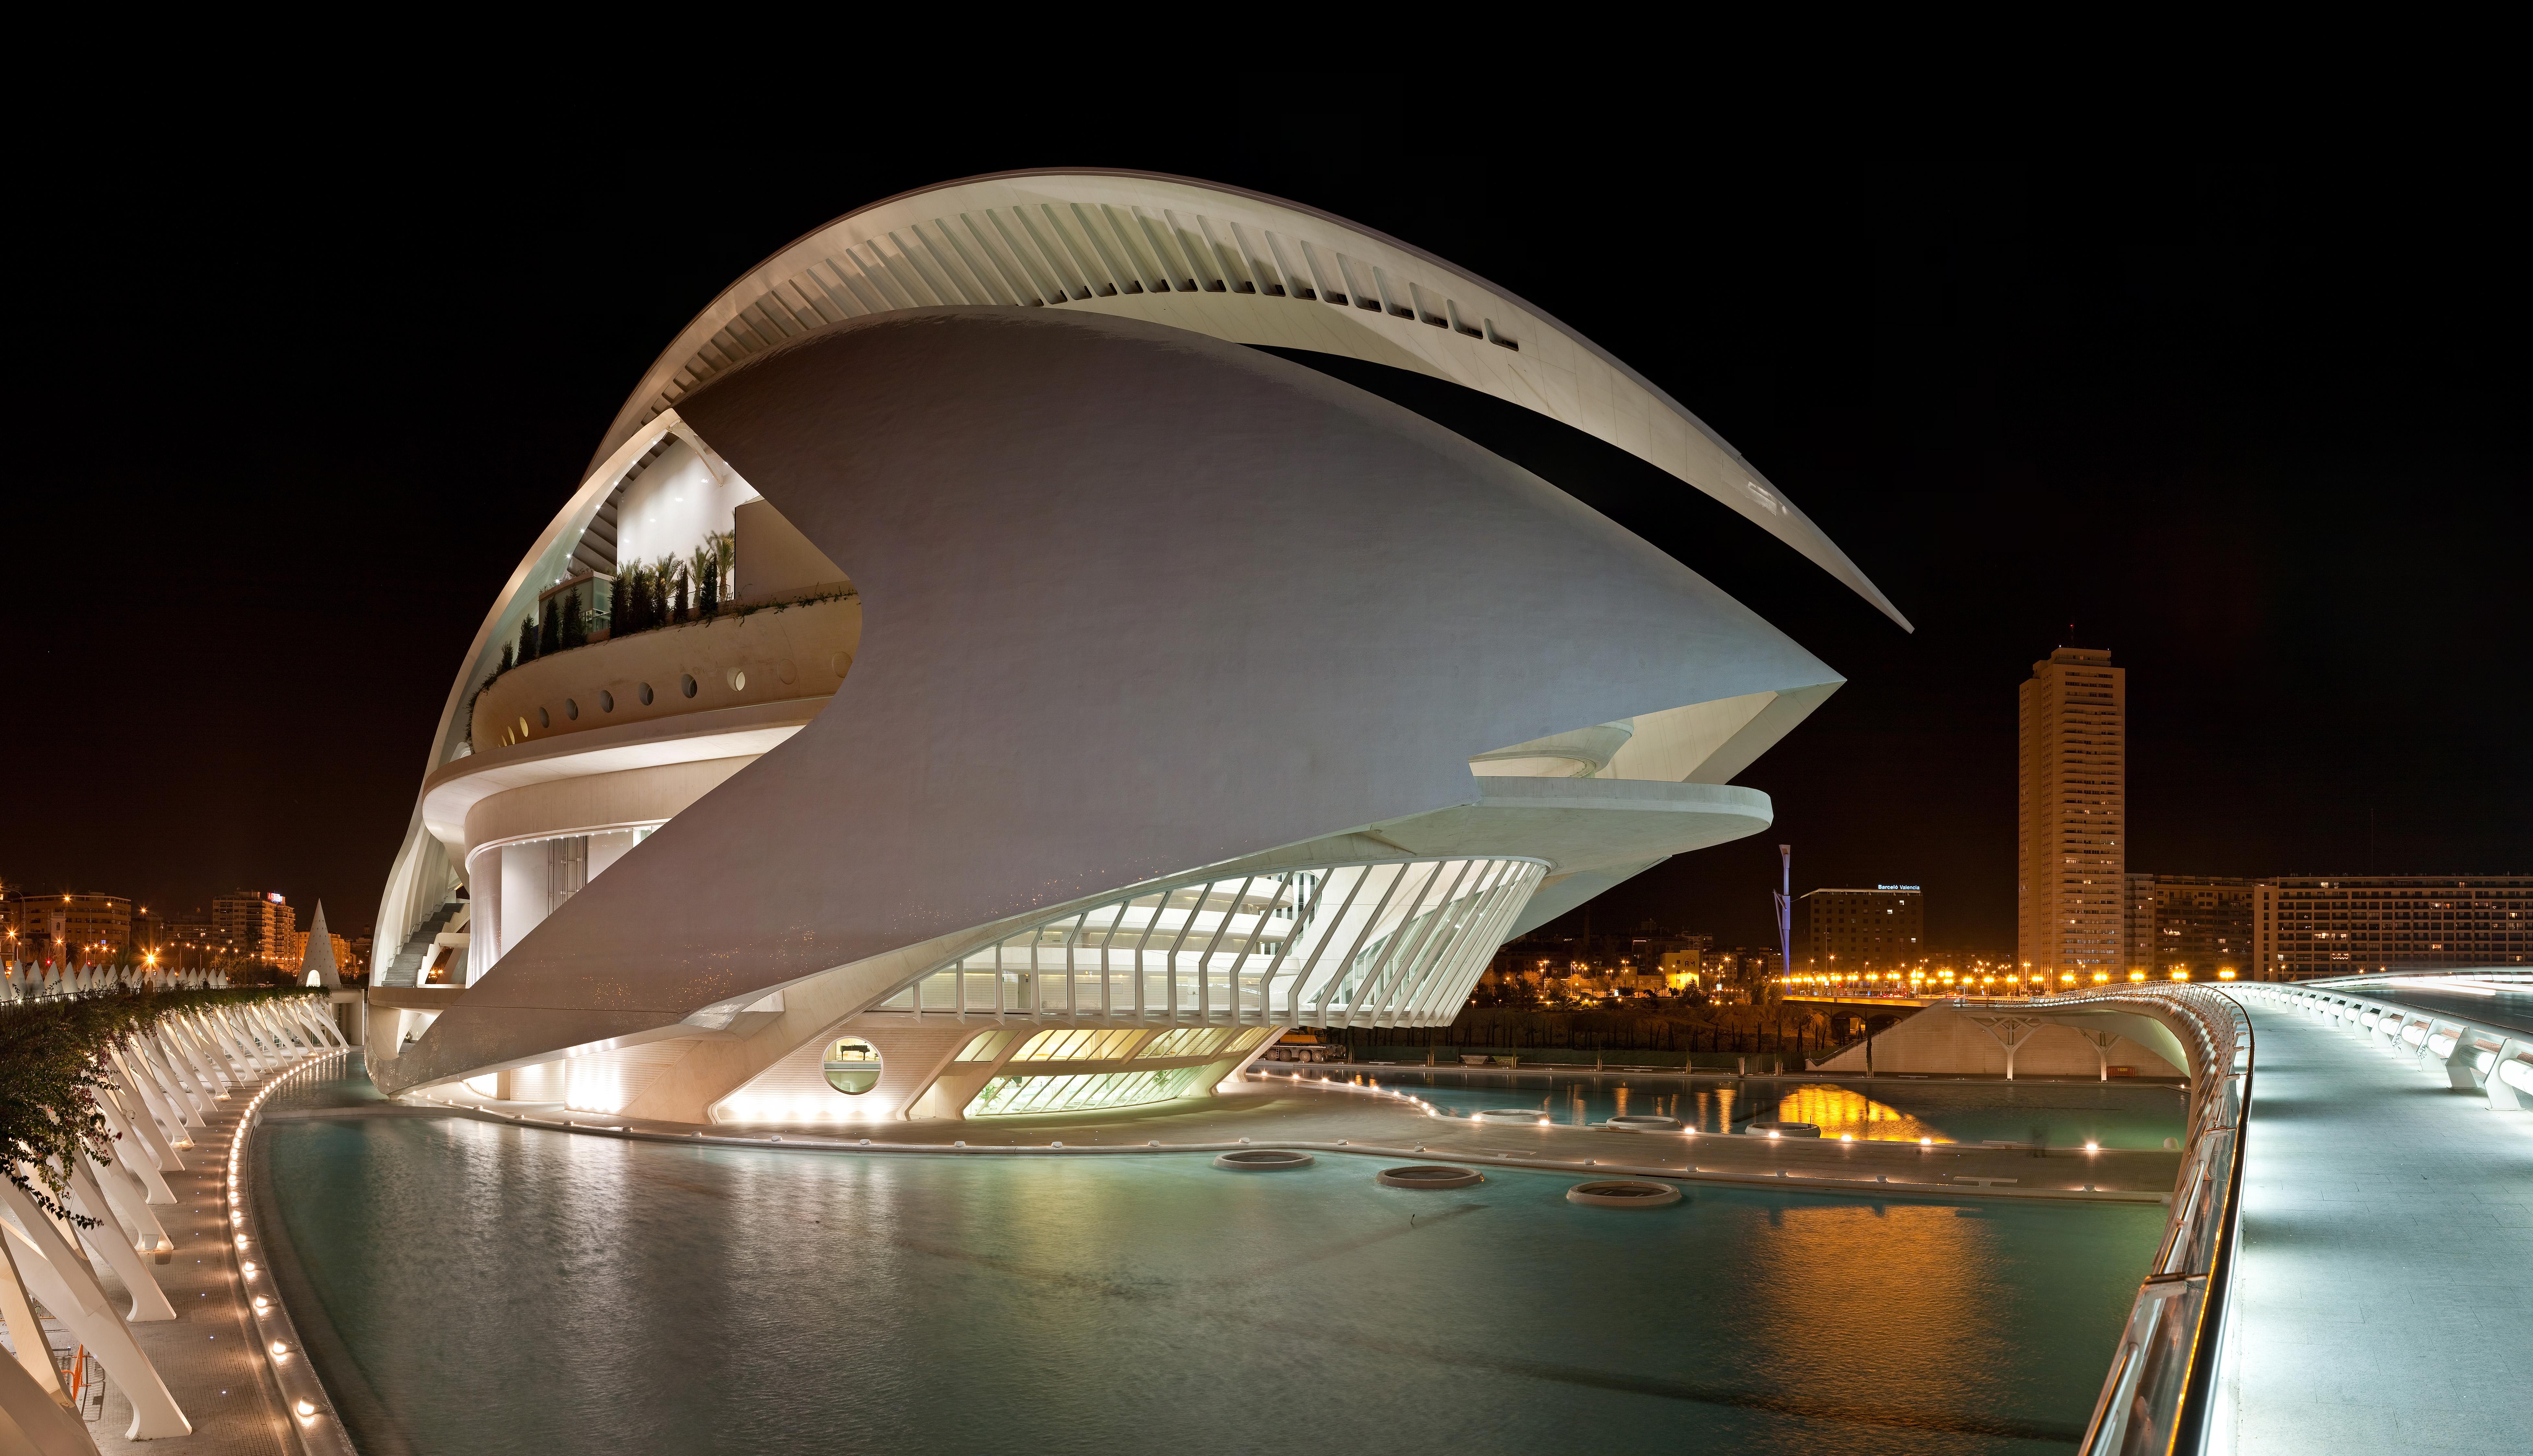 El Palau de les Arts Reina Sofía, Valencia - Jan 2007